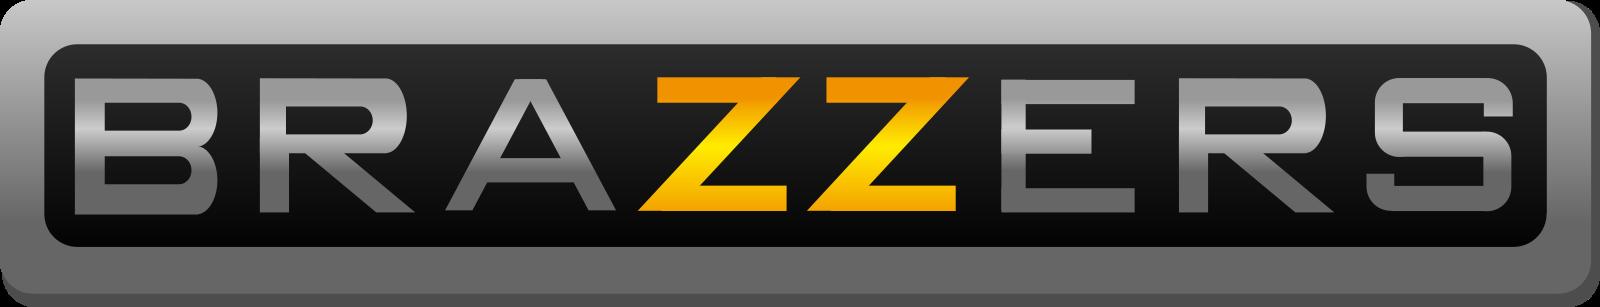 brazzers logo 5 - Brazzers Logo